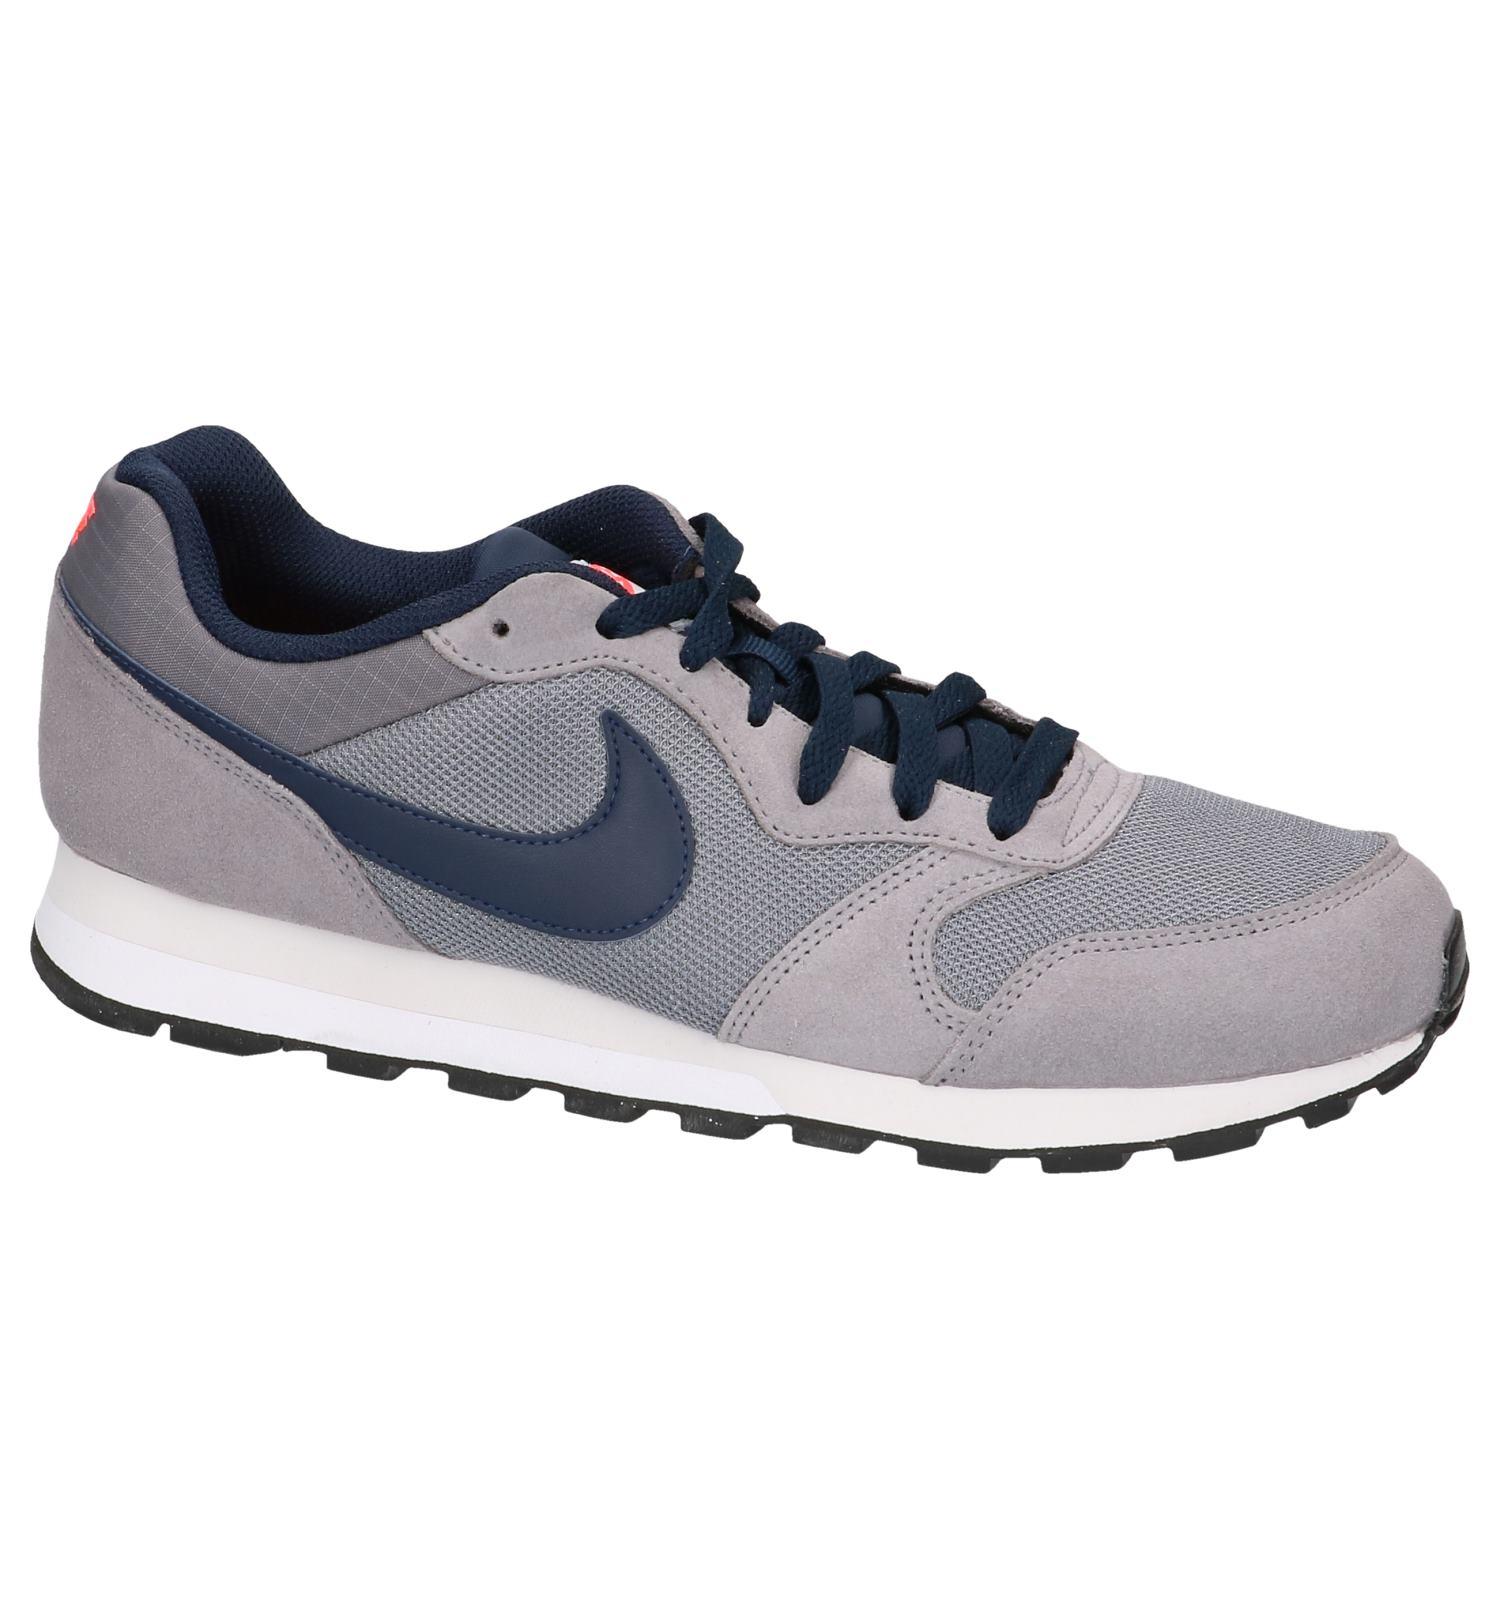 Verzend En Runner Sneaker Retour be Md Nike 2 Gratis Grijze Torfs Cg8qwP